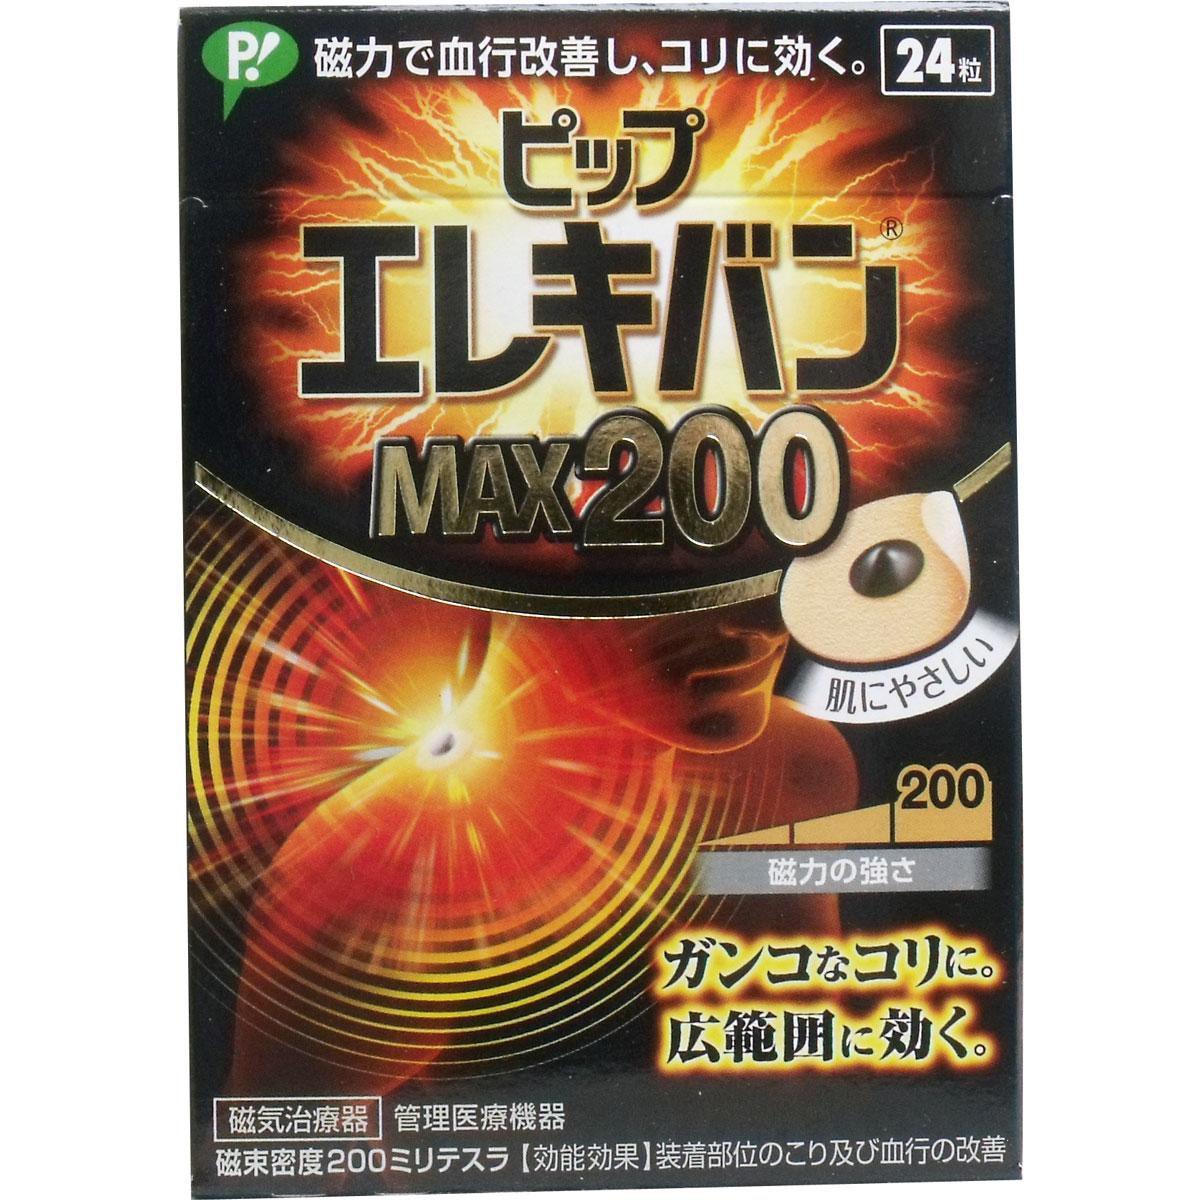 [12月25日まで特価]ピップ エレキバンMAX200 24粒入